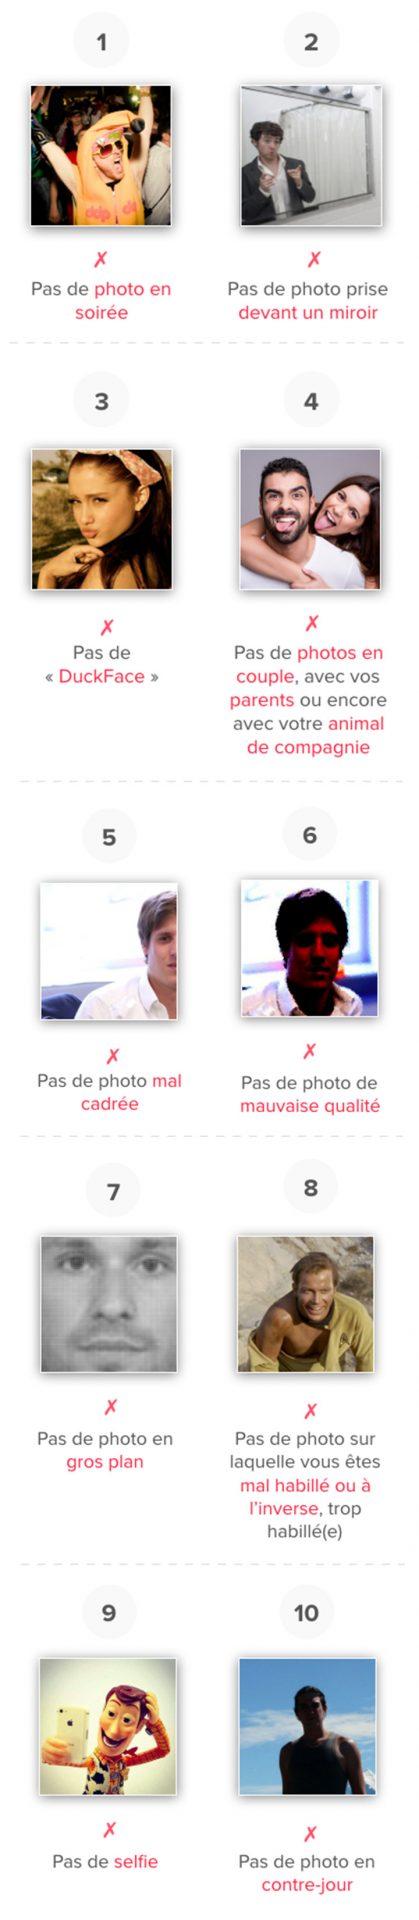 Erreurs photos a eviter